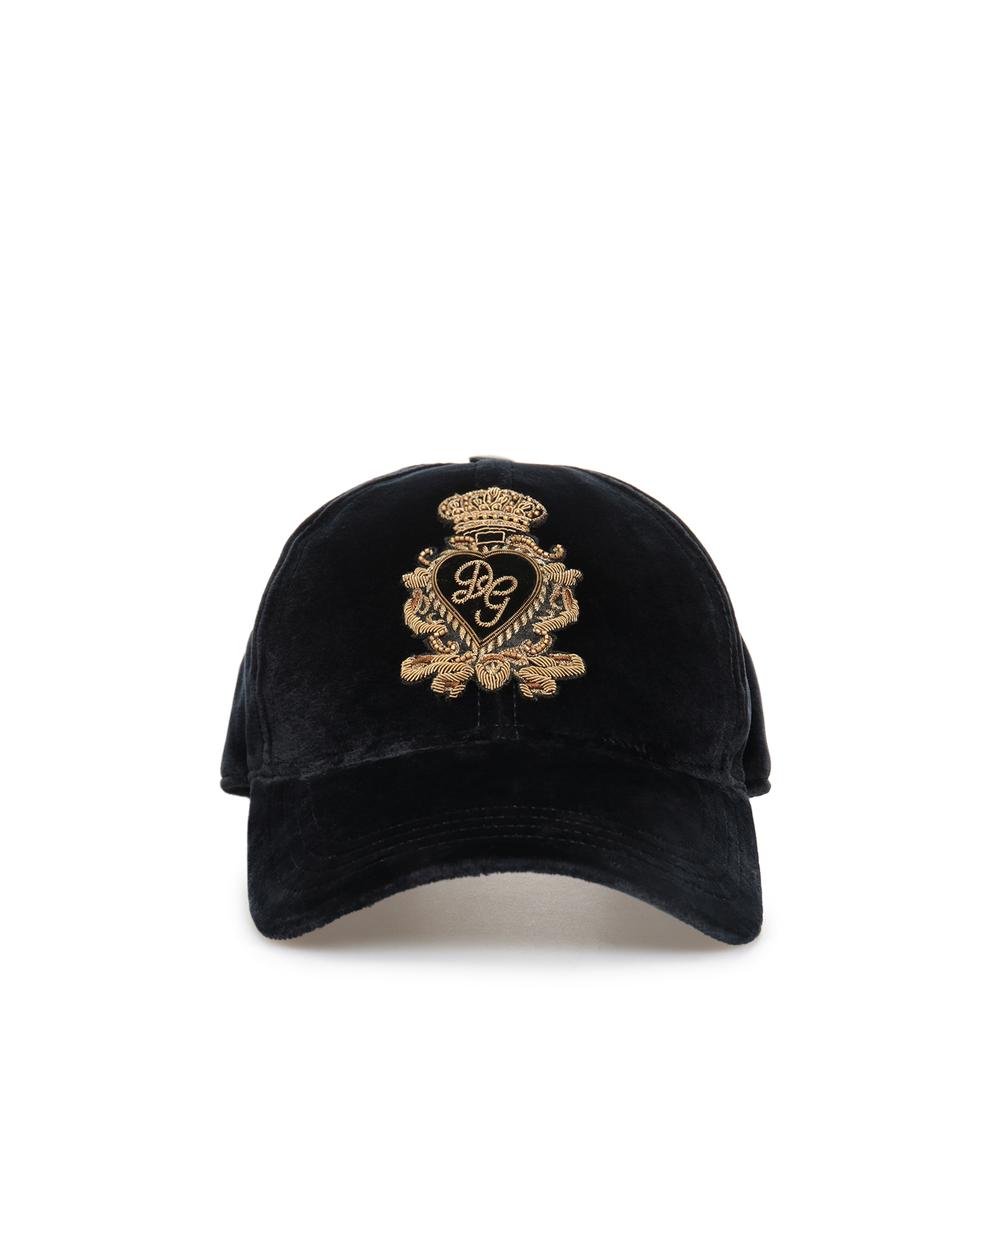 Бейсболка Dolce&Gabbana GH590Z-GEO57 — Kameron